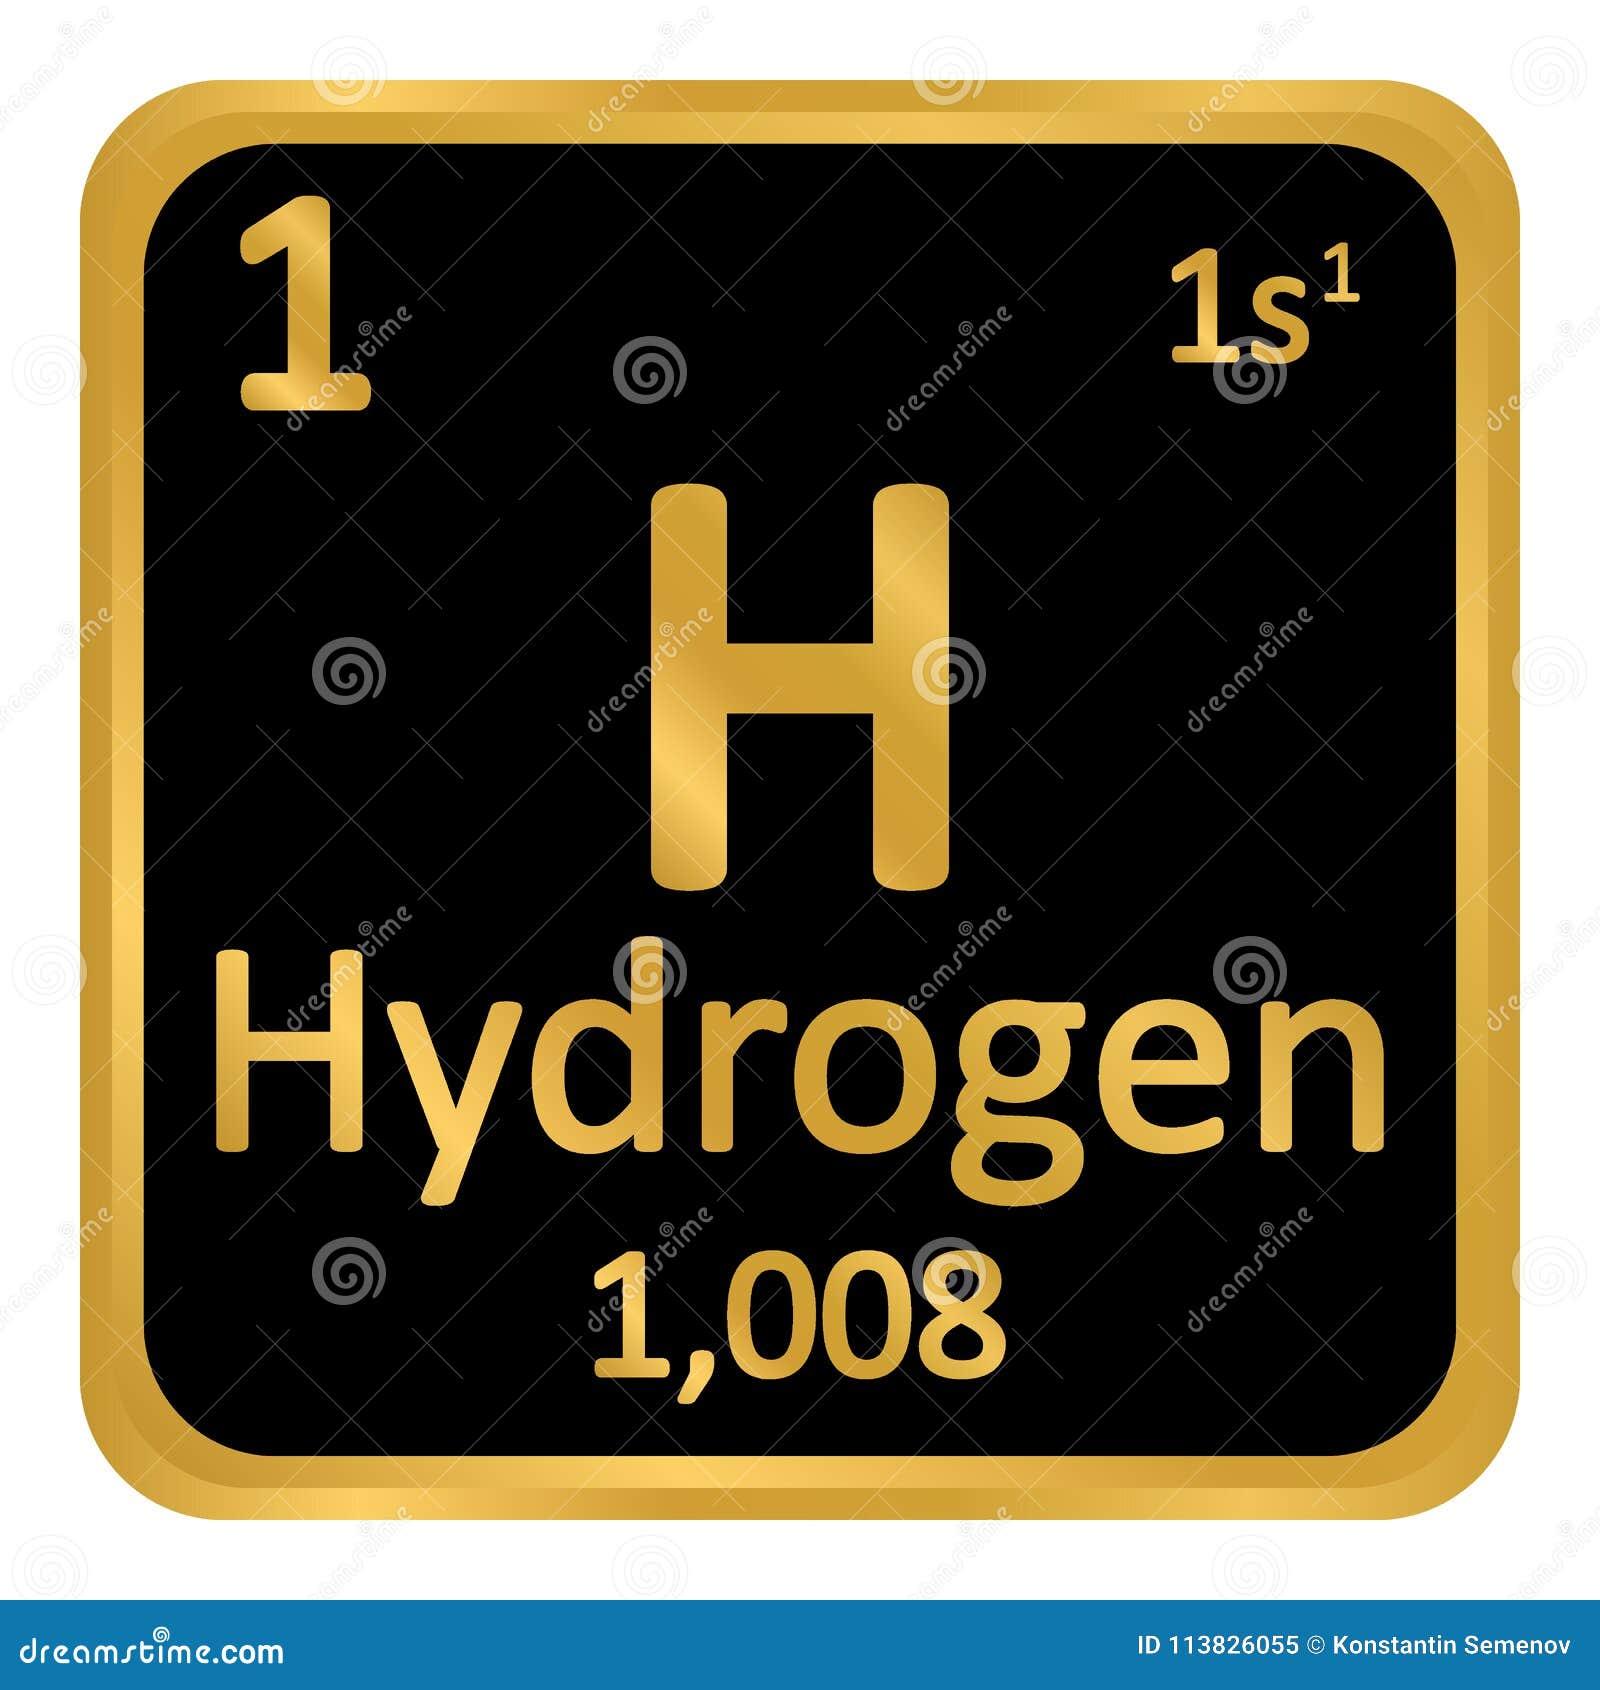 Icono del hidrgeno del elemento de tabla peridica stock de download icono del hidrgeno del elemento de tabla peridica stock de ilustracin ilustracin de carbn urtaz Image collections